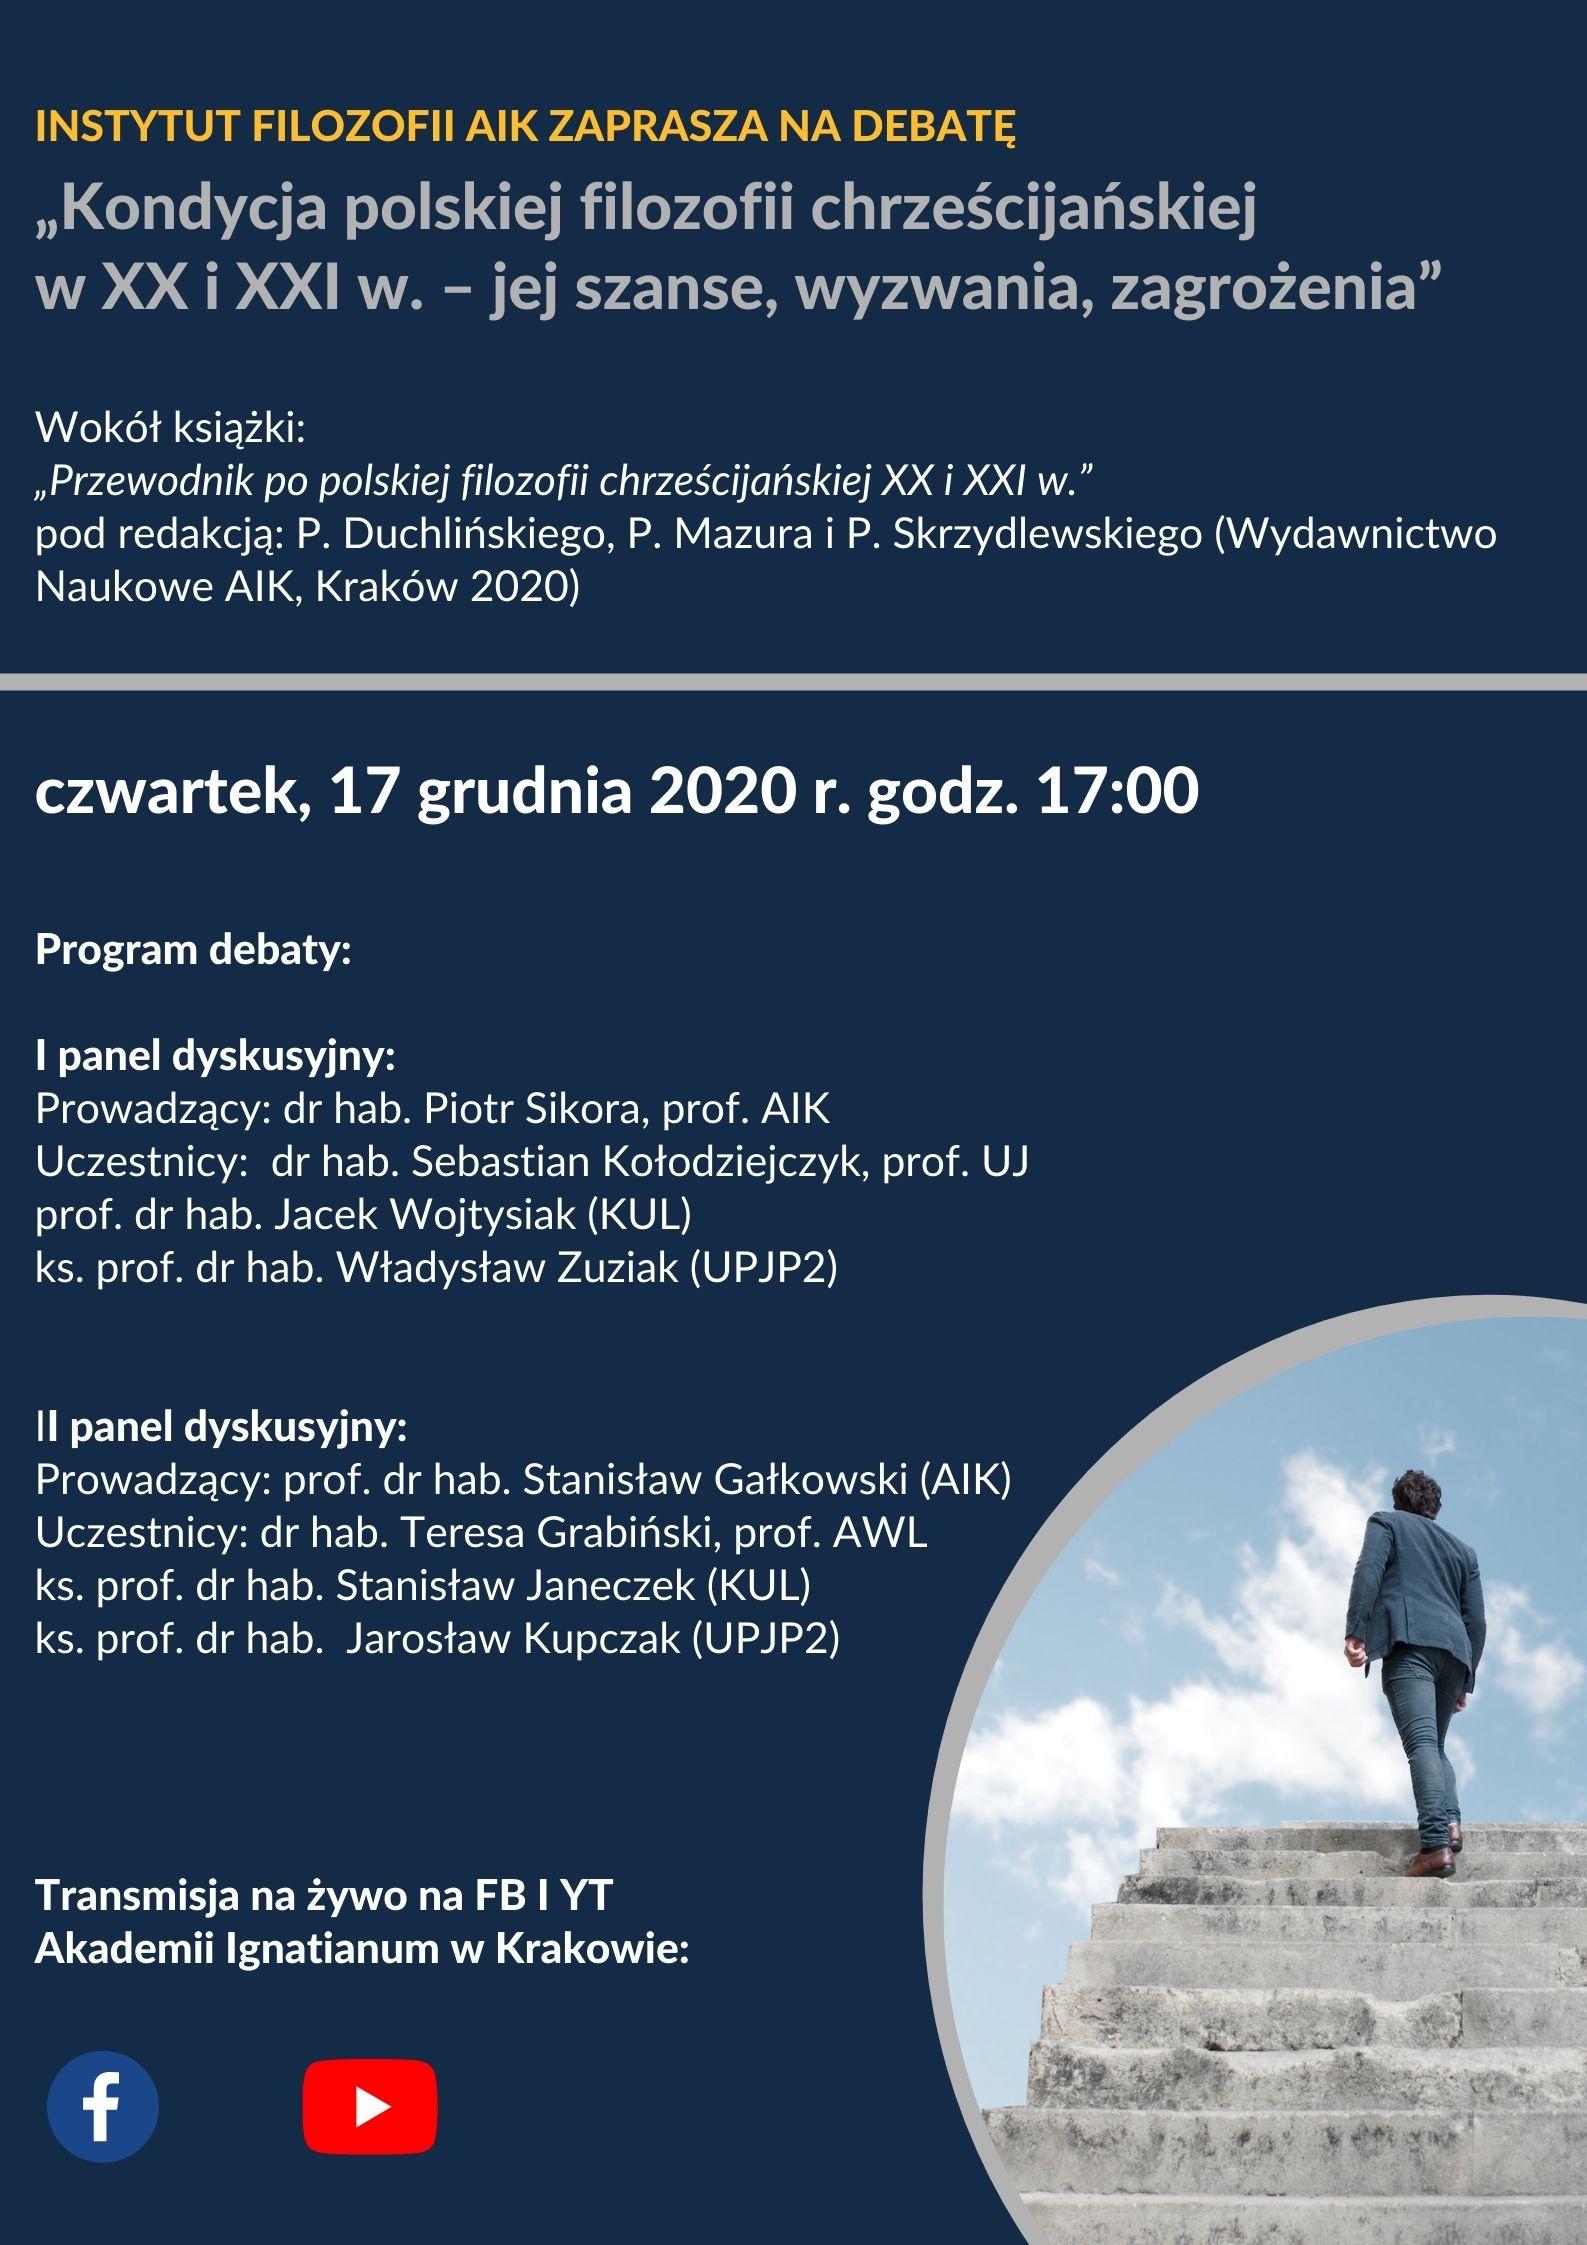 Kondycja polskiej filozofii chrześcijańskiej w XX i XXI w. – jej szanse, wyzwania, zagrożenia